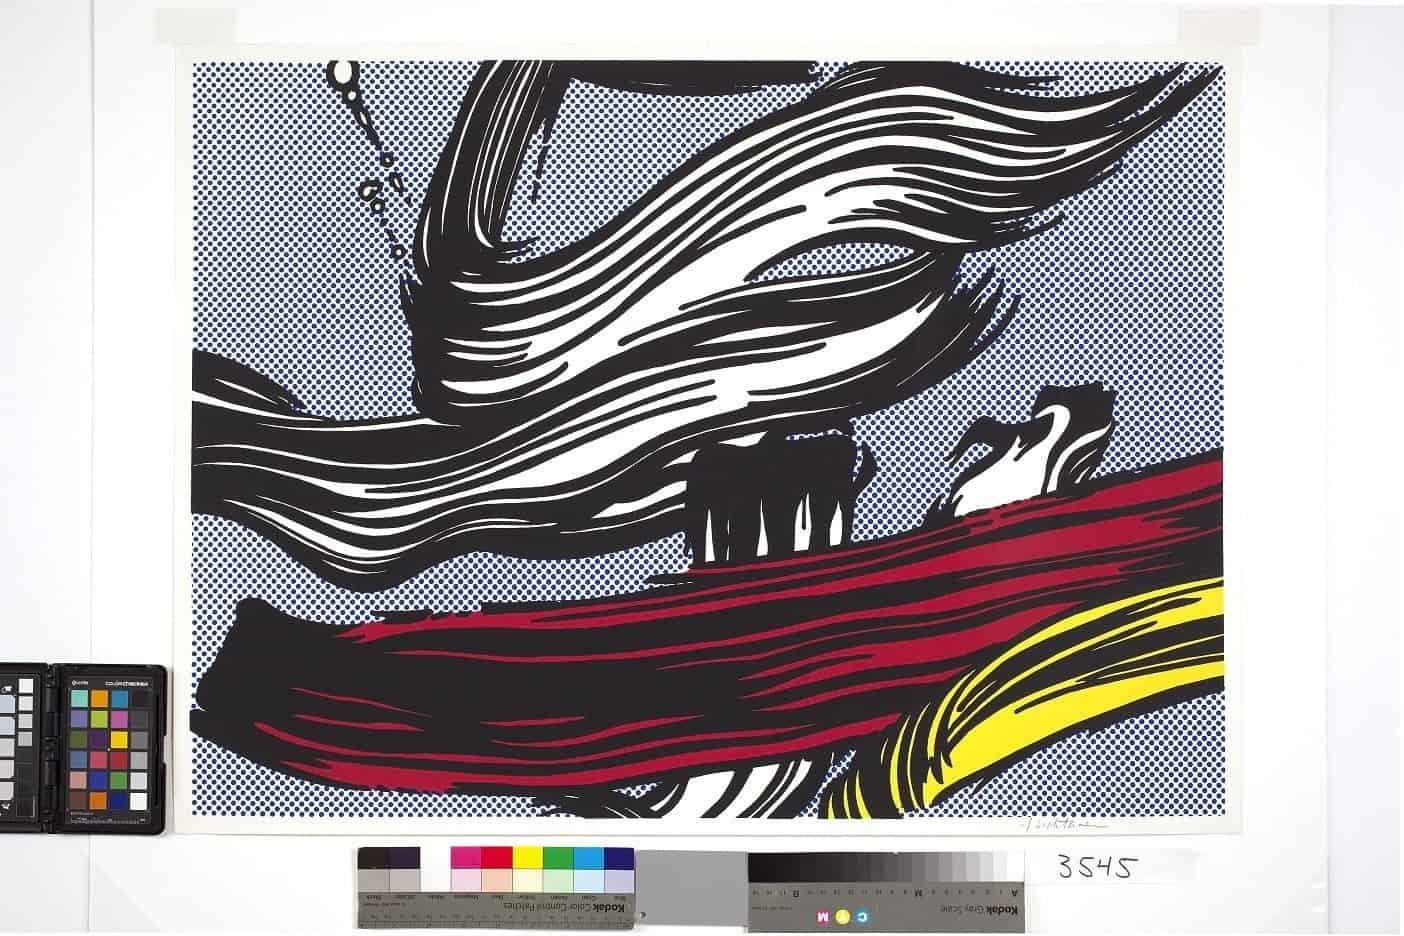 Roy Lichtenstein – Brushstrokes, 1967